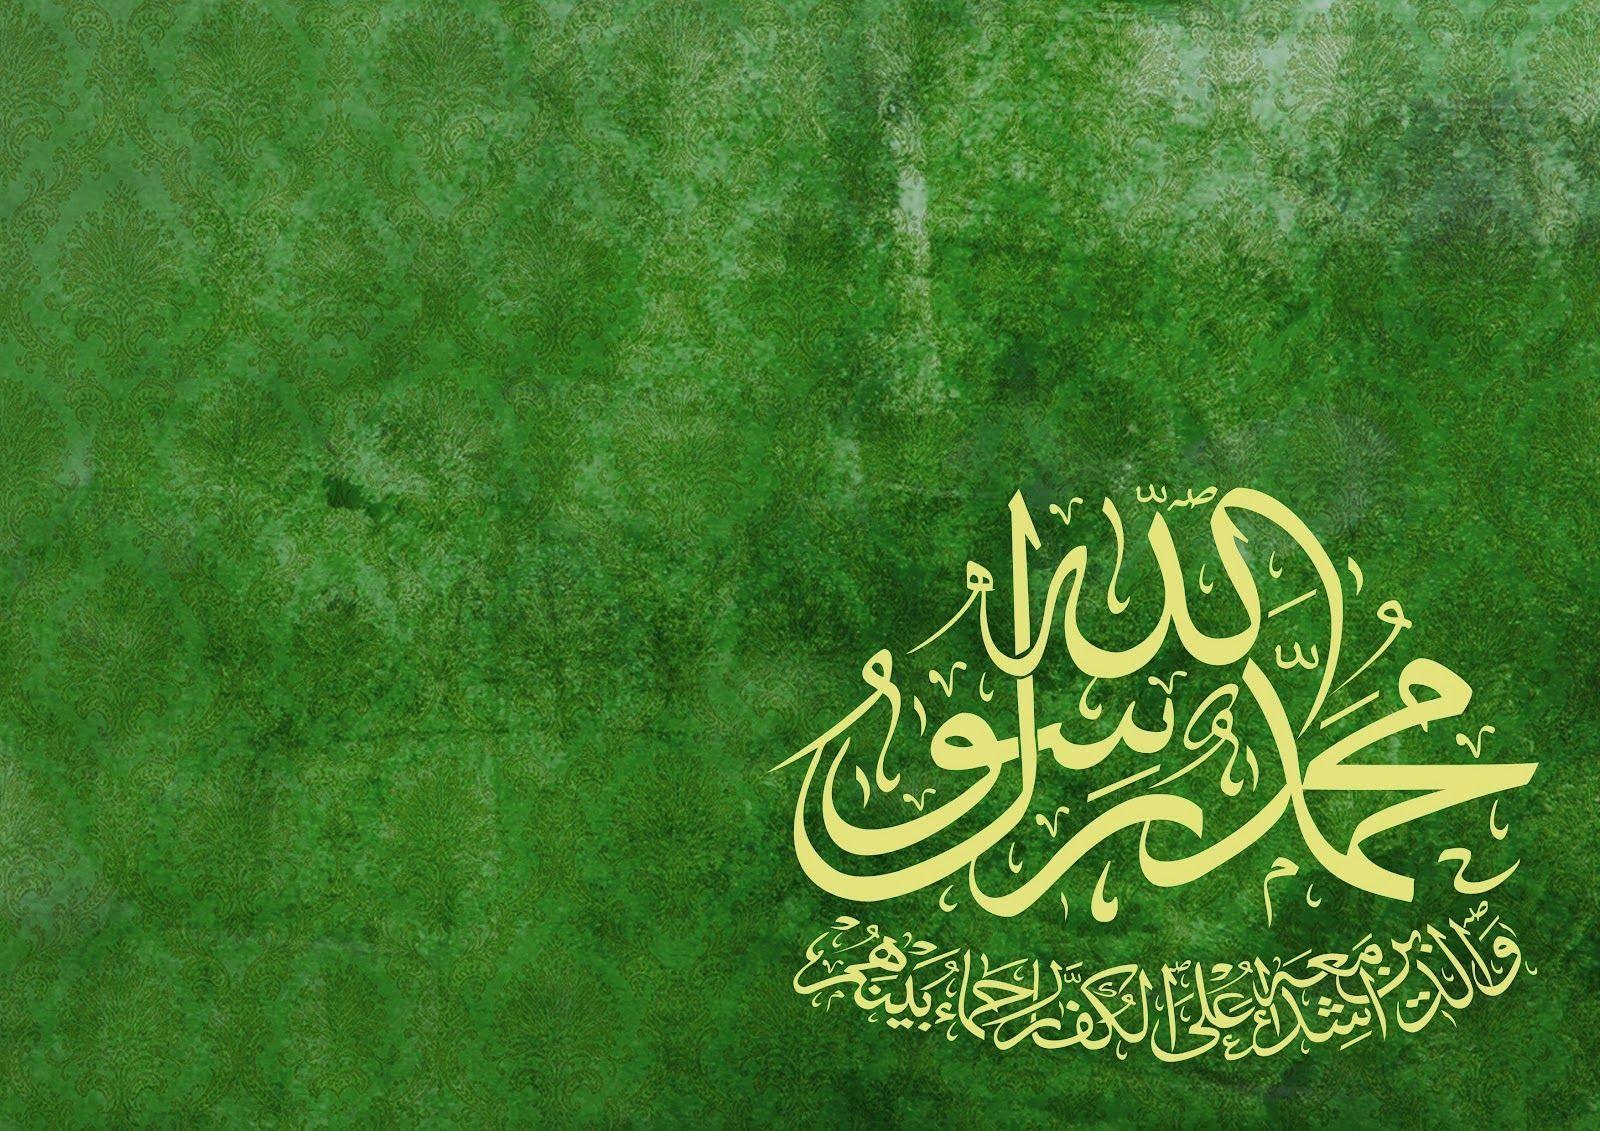 Wallpaper iphone kaligrafi - Download Kaligrafi Nama Nabi Muhammad